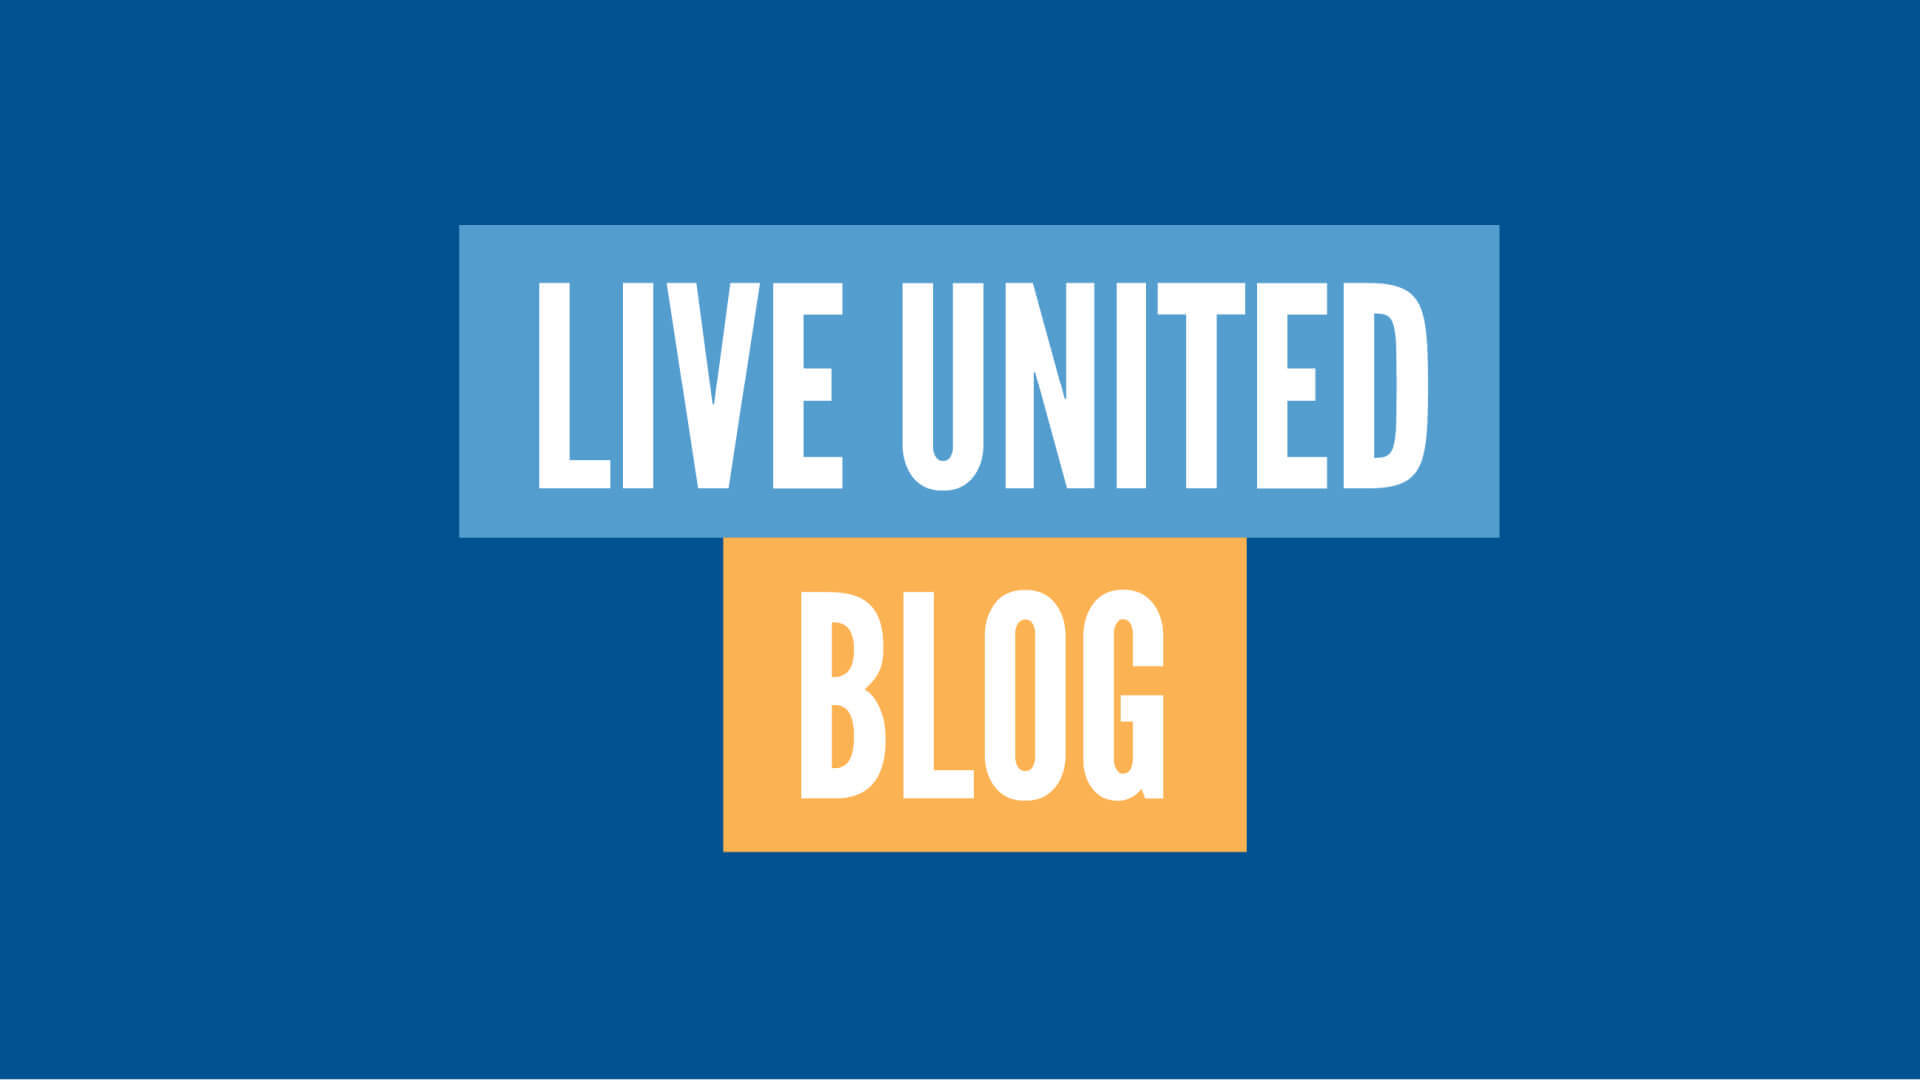 LIVE UNITED blog header